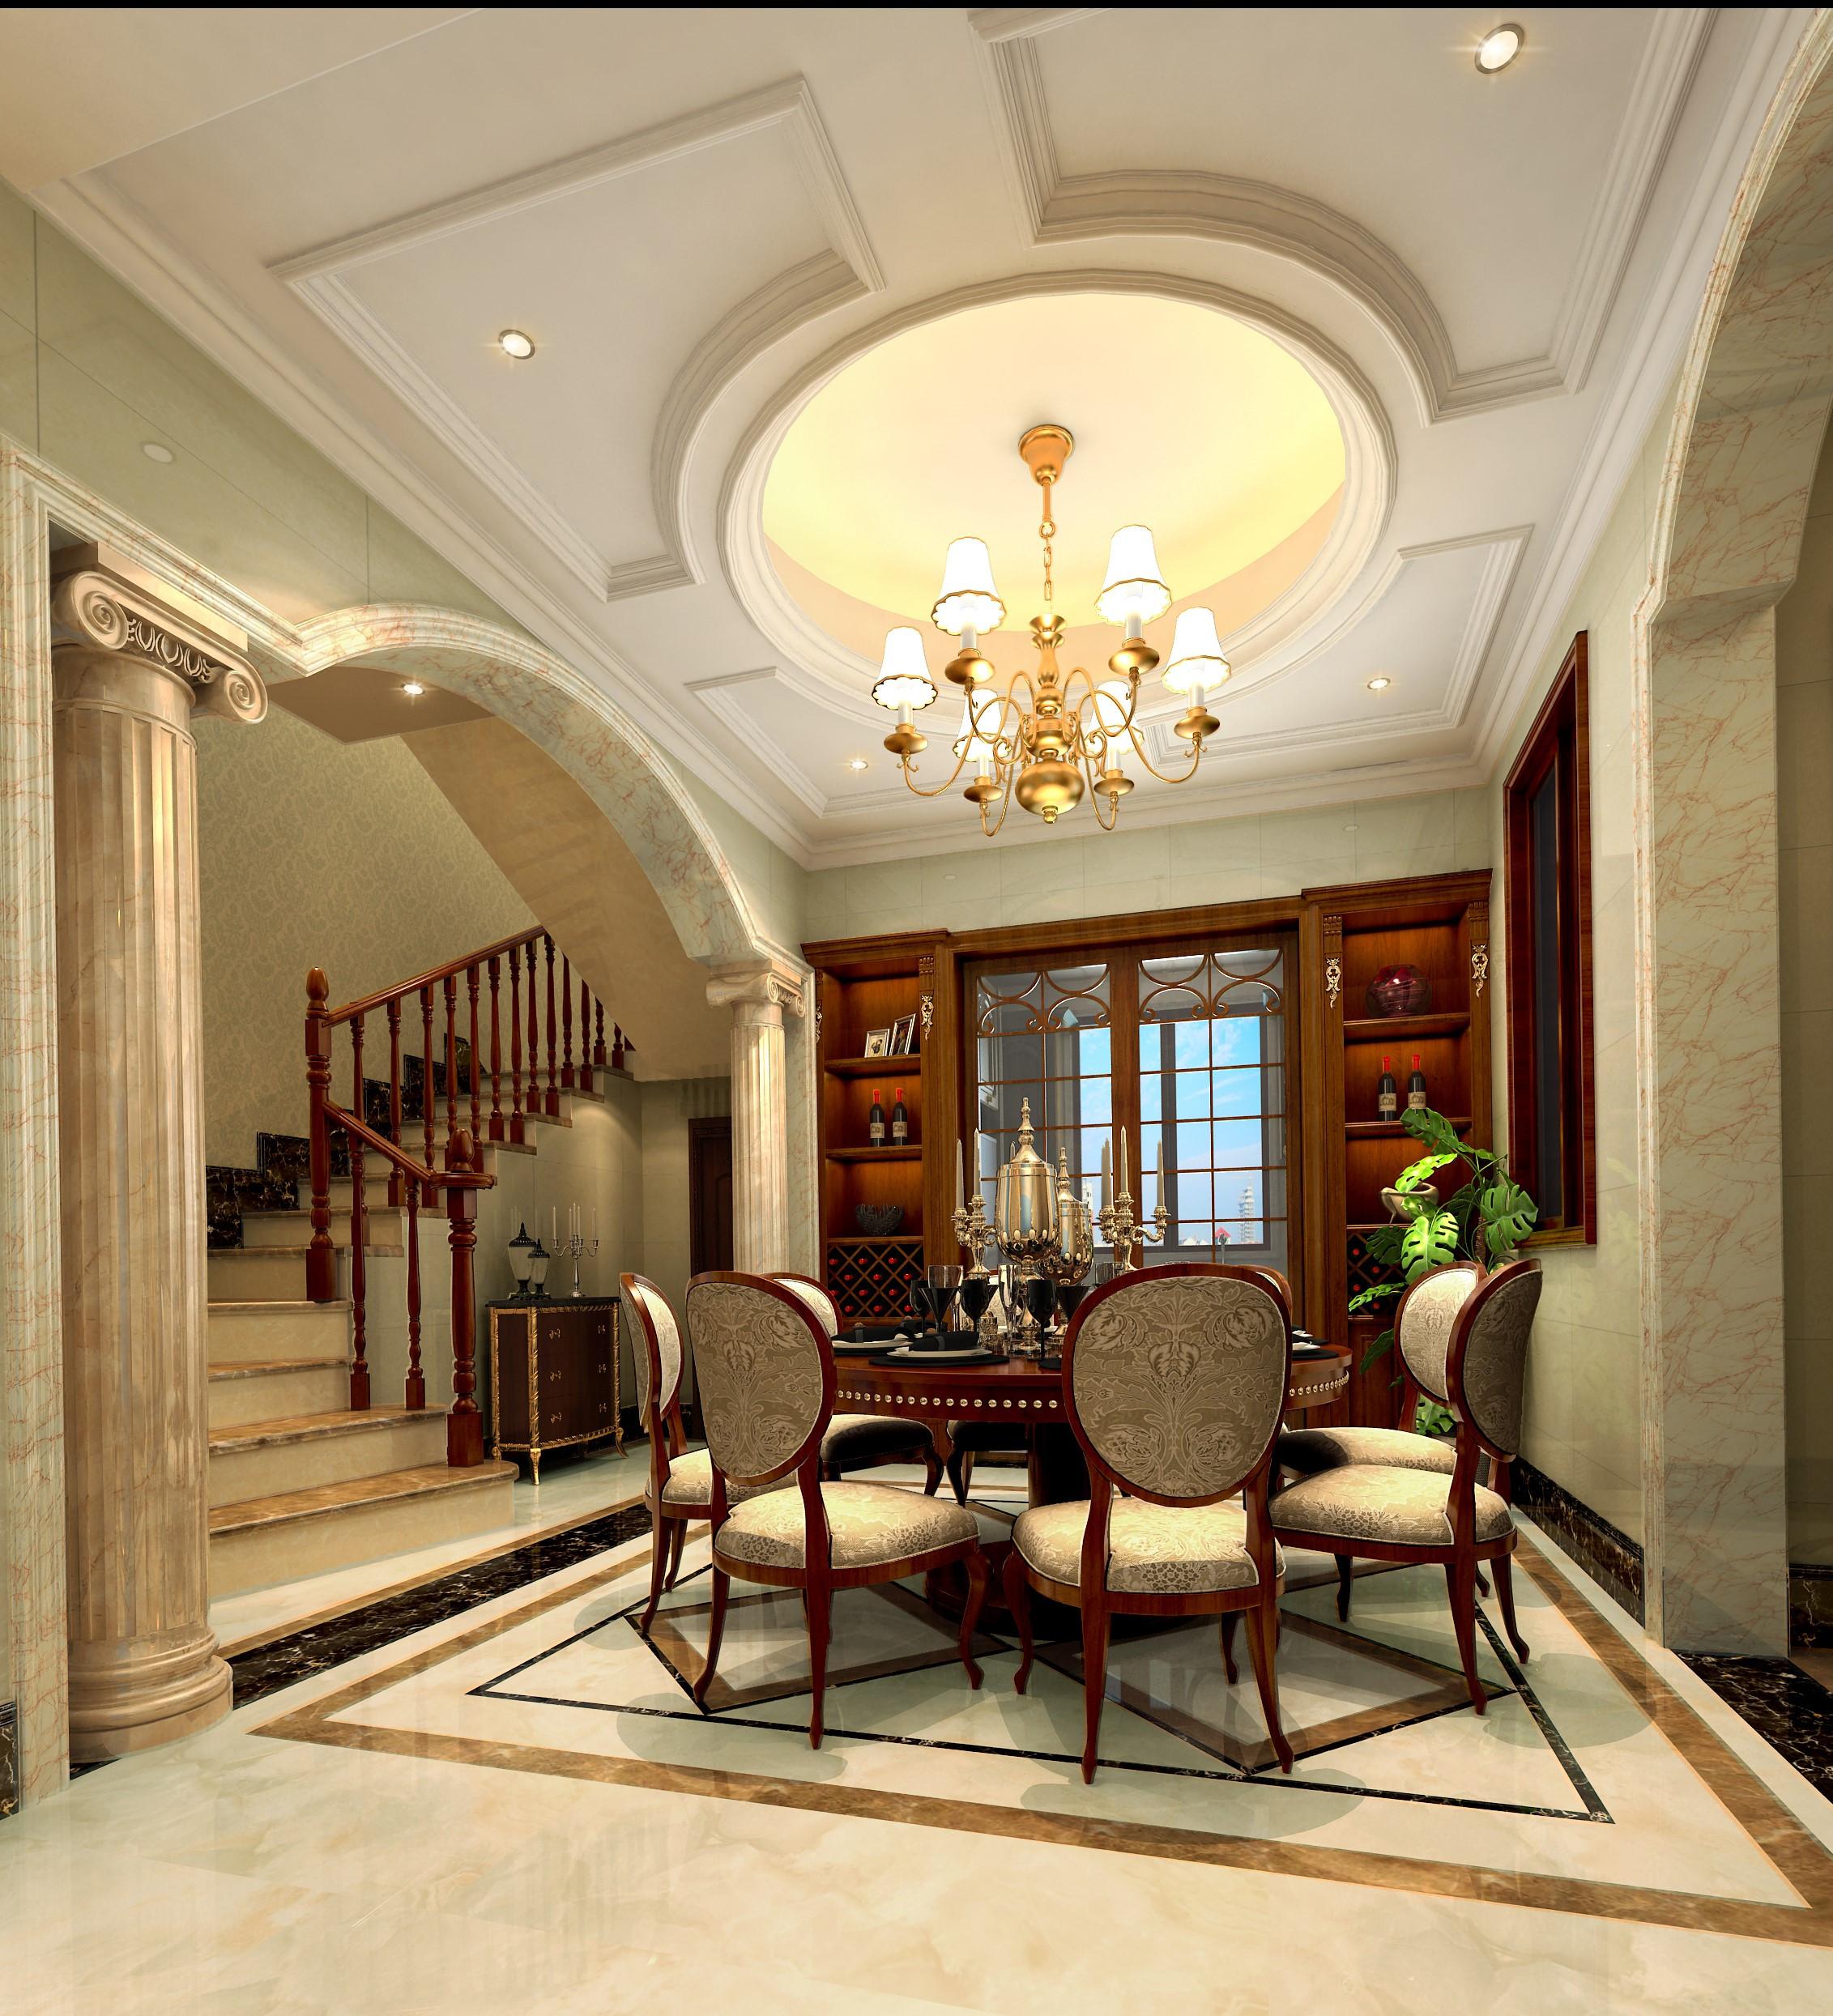 现代简约风格餐厅2013年别墅豪华欧式客厅6平米厨房装修图片